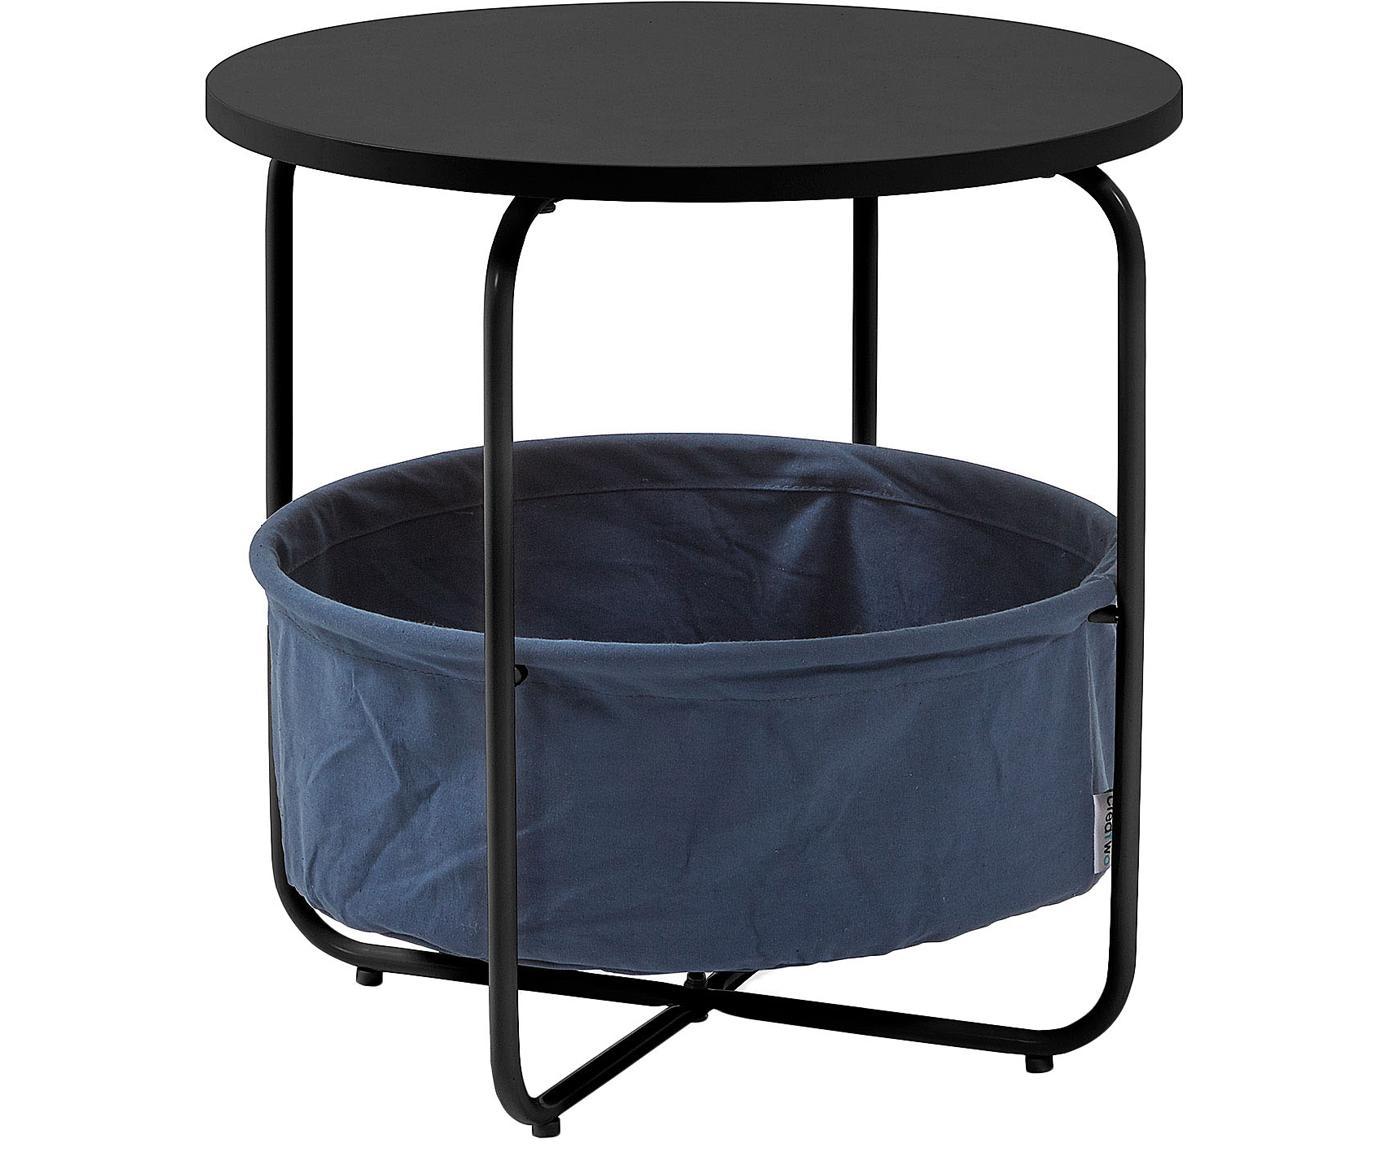 Tavolino con contenitore Specter, Piano d'appoggio: pannello di fibra a media, Struttura: metallo verniciato, Nero, blu scuro, Ø 42 x Alt. 43 cm